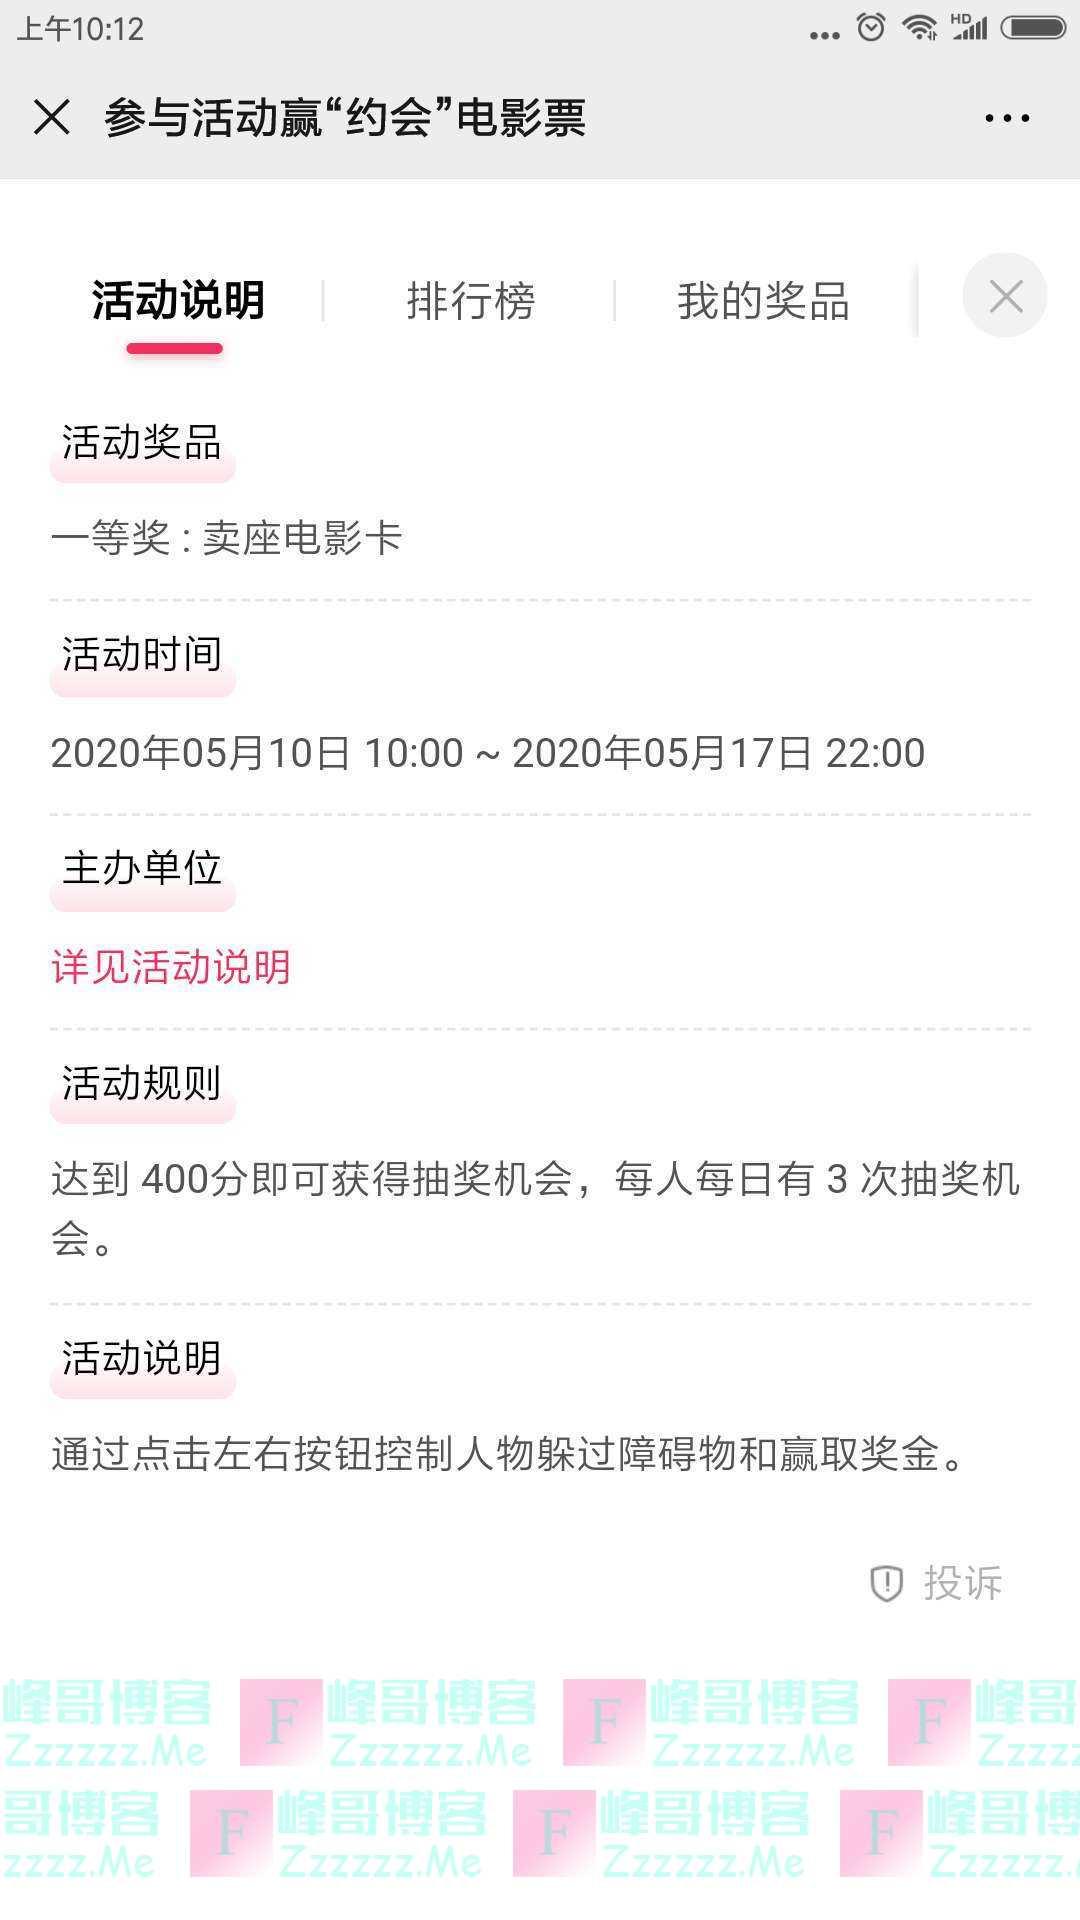 广州索菲亚全屋定制玩游戏赢免费电影票(截止5月17日)